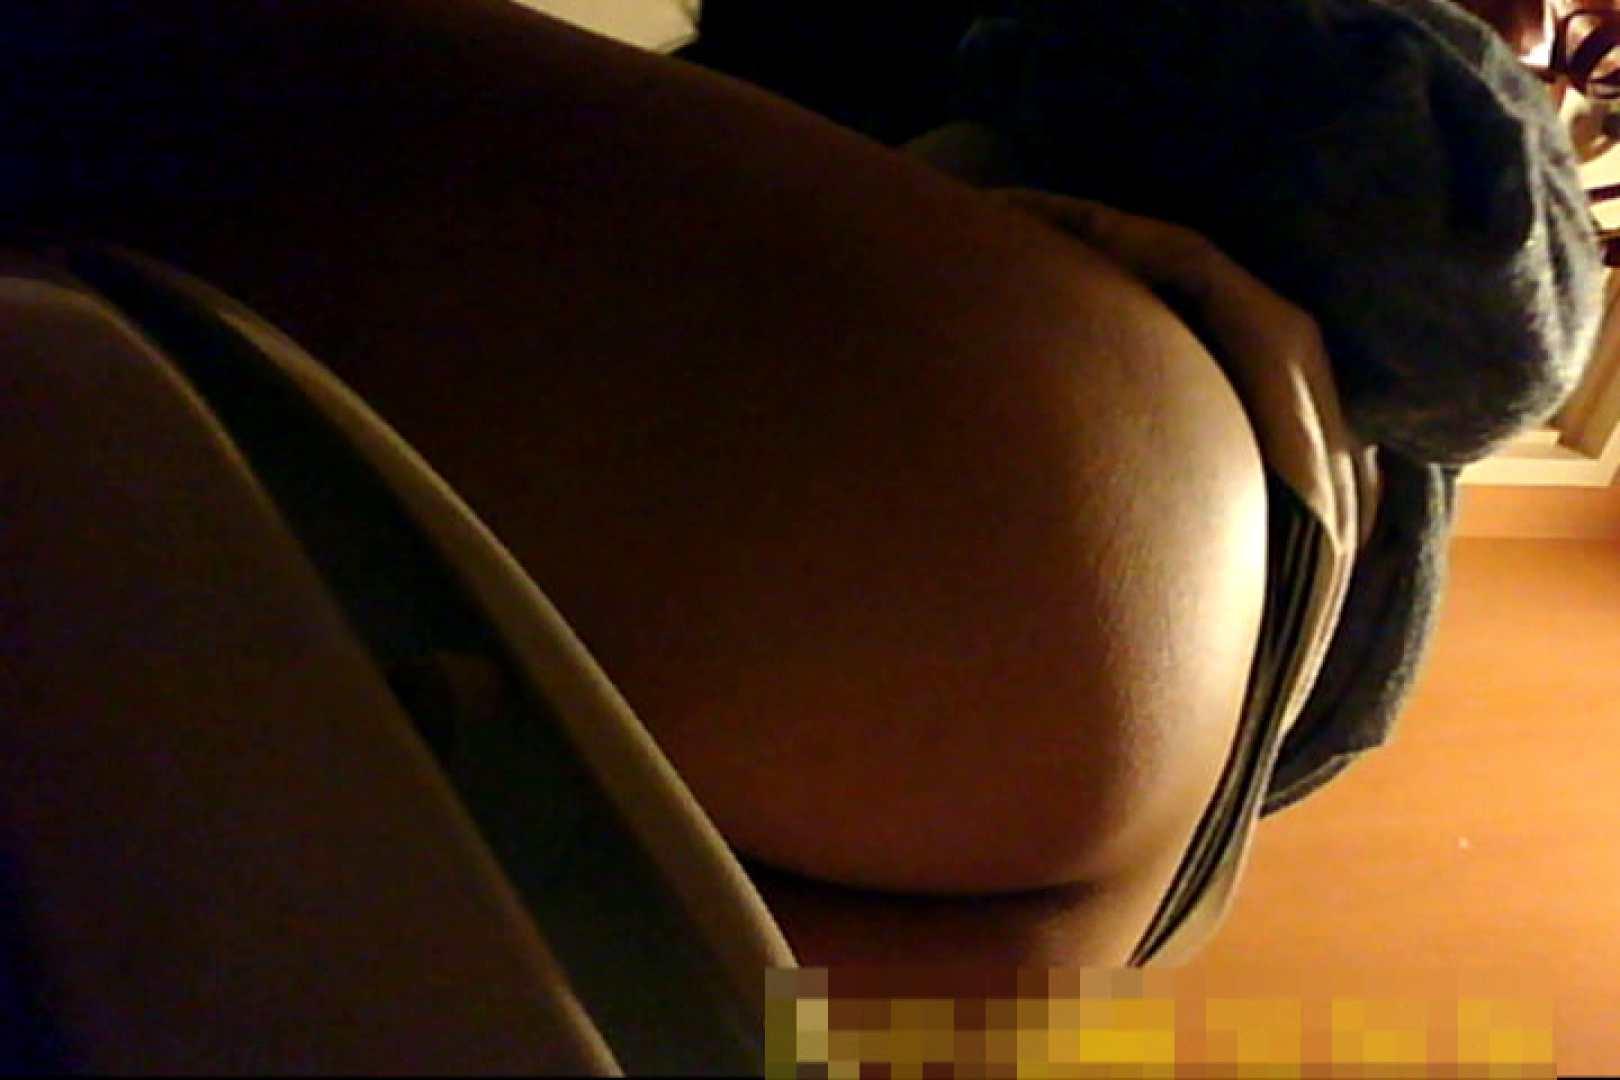 魅惑の化粧室~禁断のプライベート空間~27 丸見えマンコ 隠し撮りオマンコ動画紹介 106PIX 77